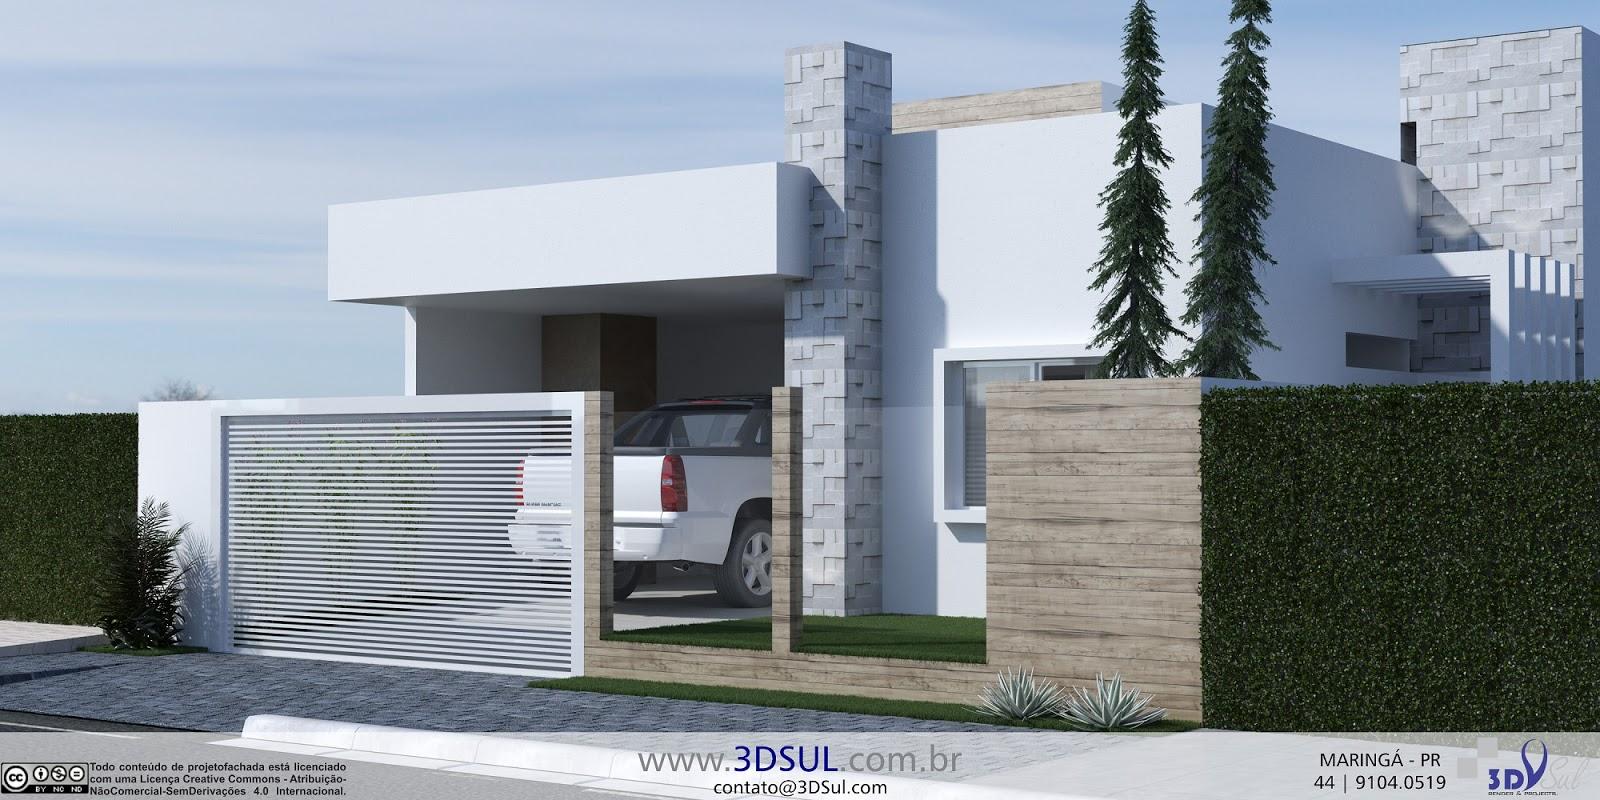 Arquitetura 3D Fachada Moderna Casa Simples Quadrada (Marin  #40618B 1600x800 Arquitetura De Banheiro Simples